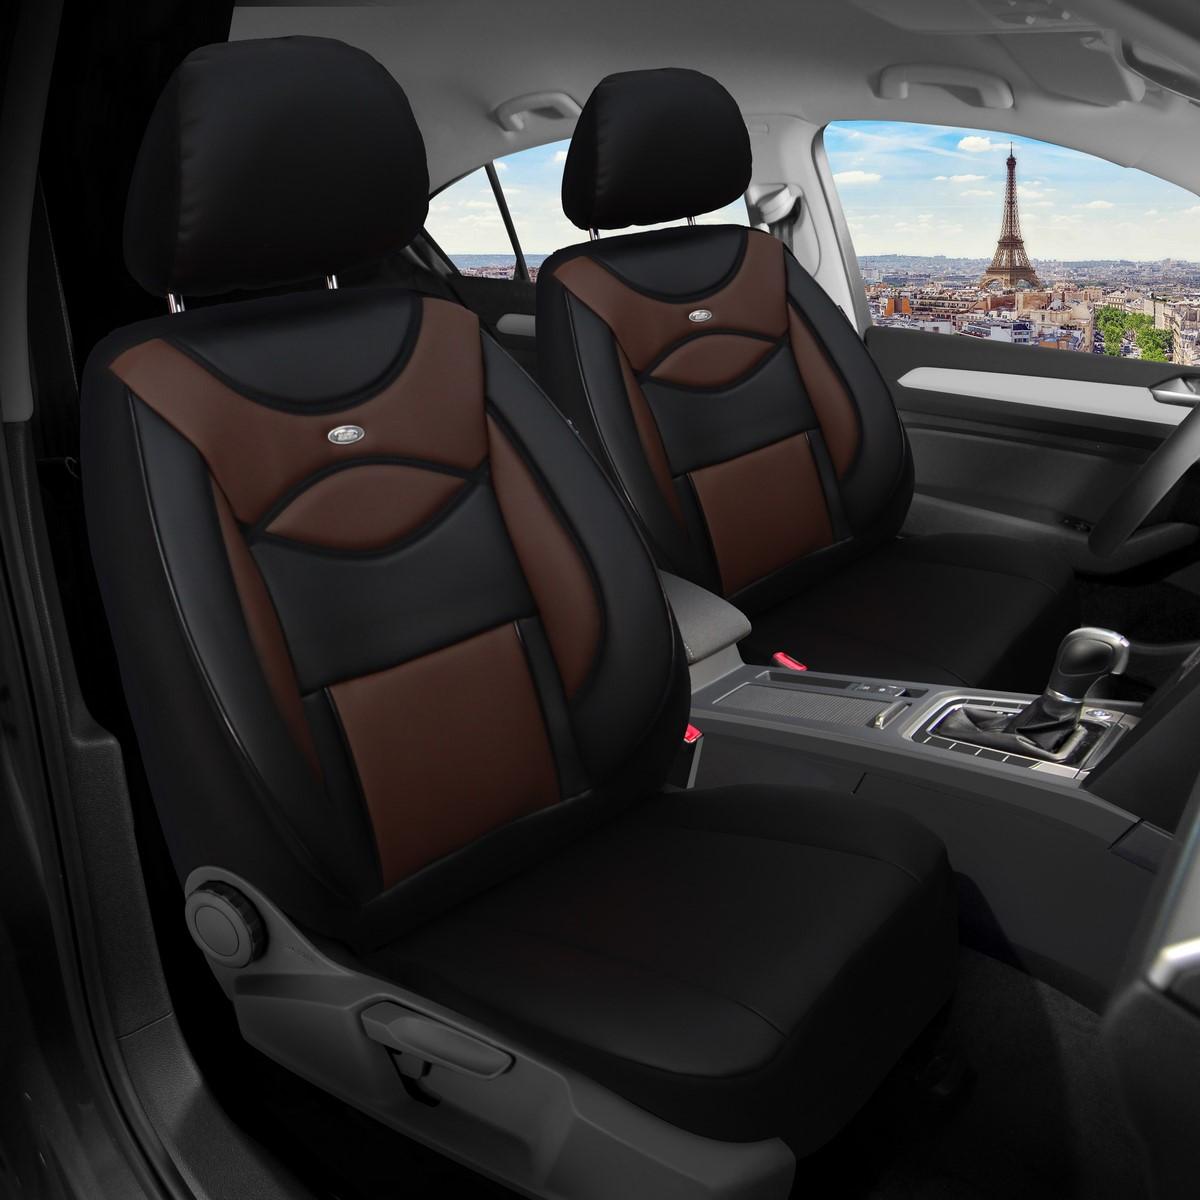 Coprisedili Misura Opel Combo e conducente /& passeggero a partire dal 2018 fb:d103